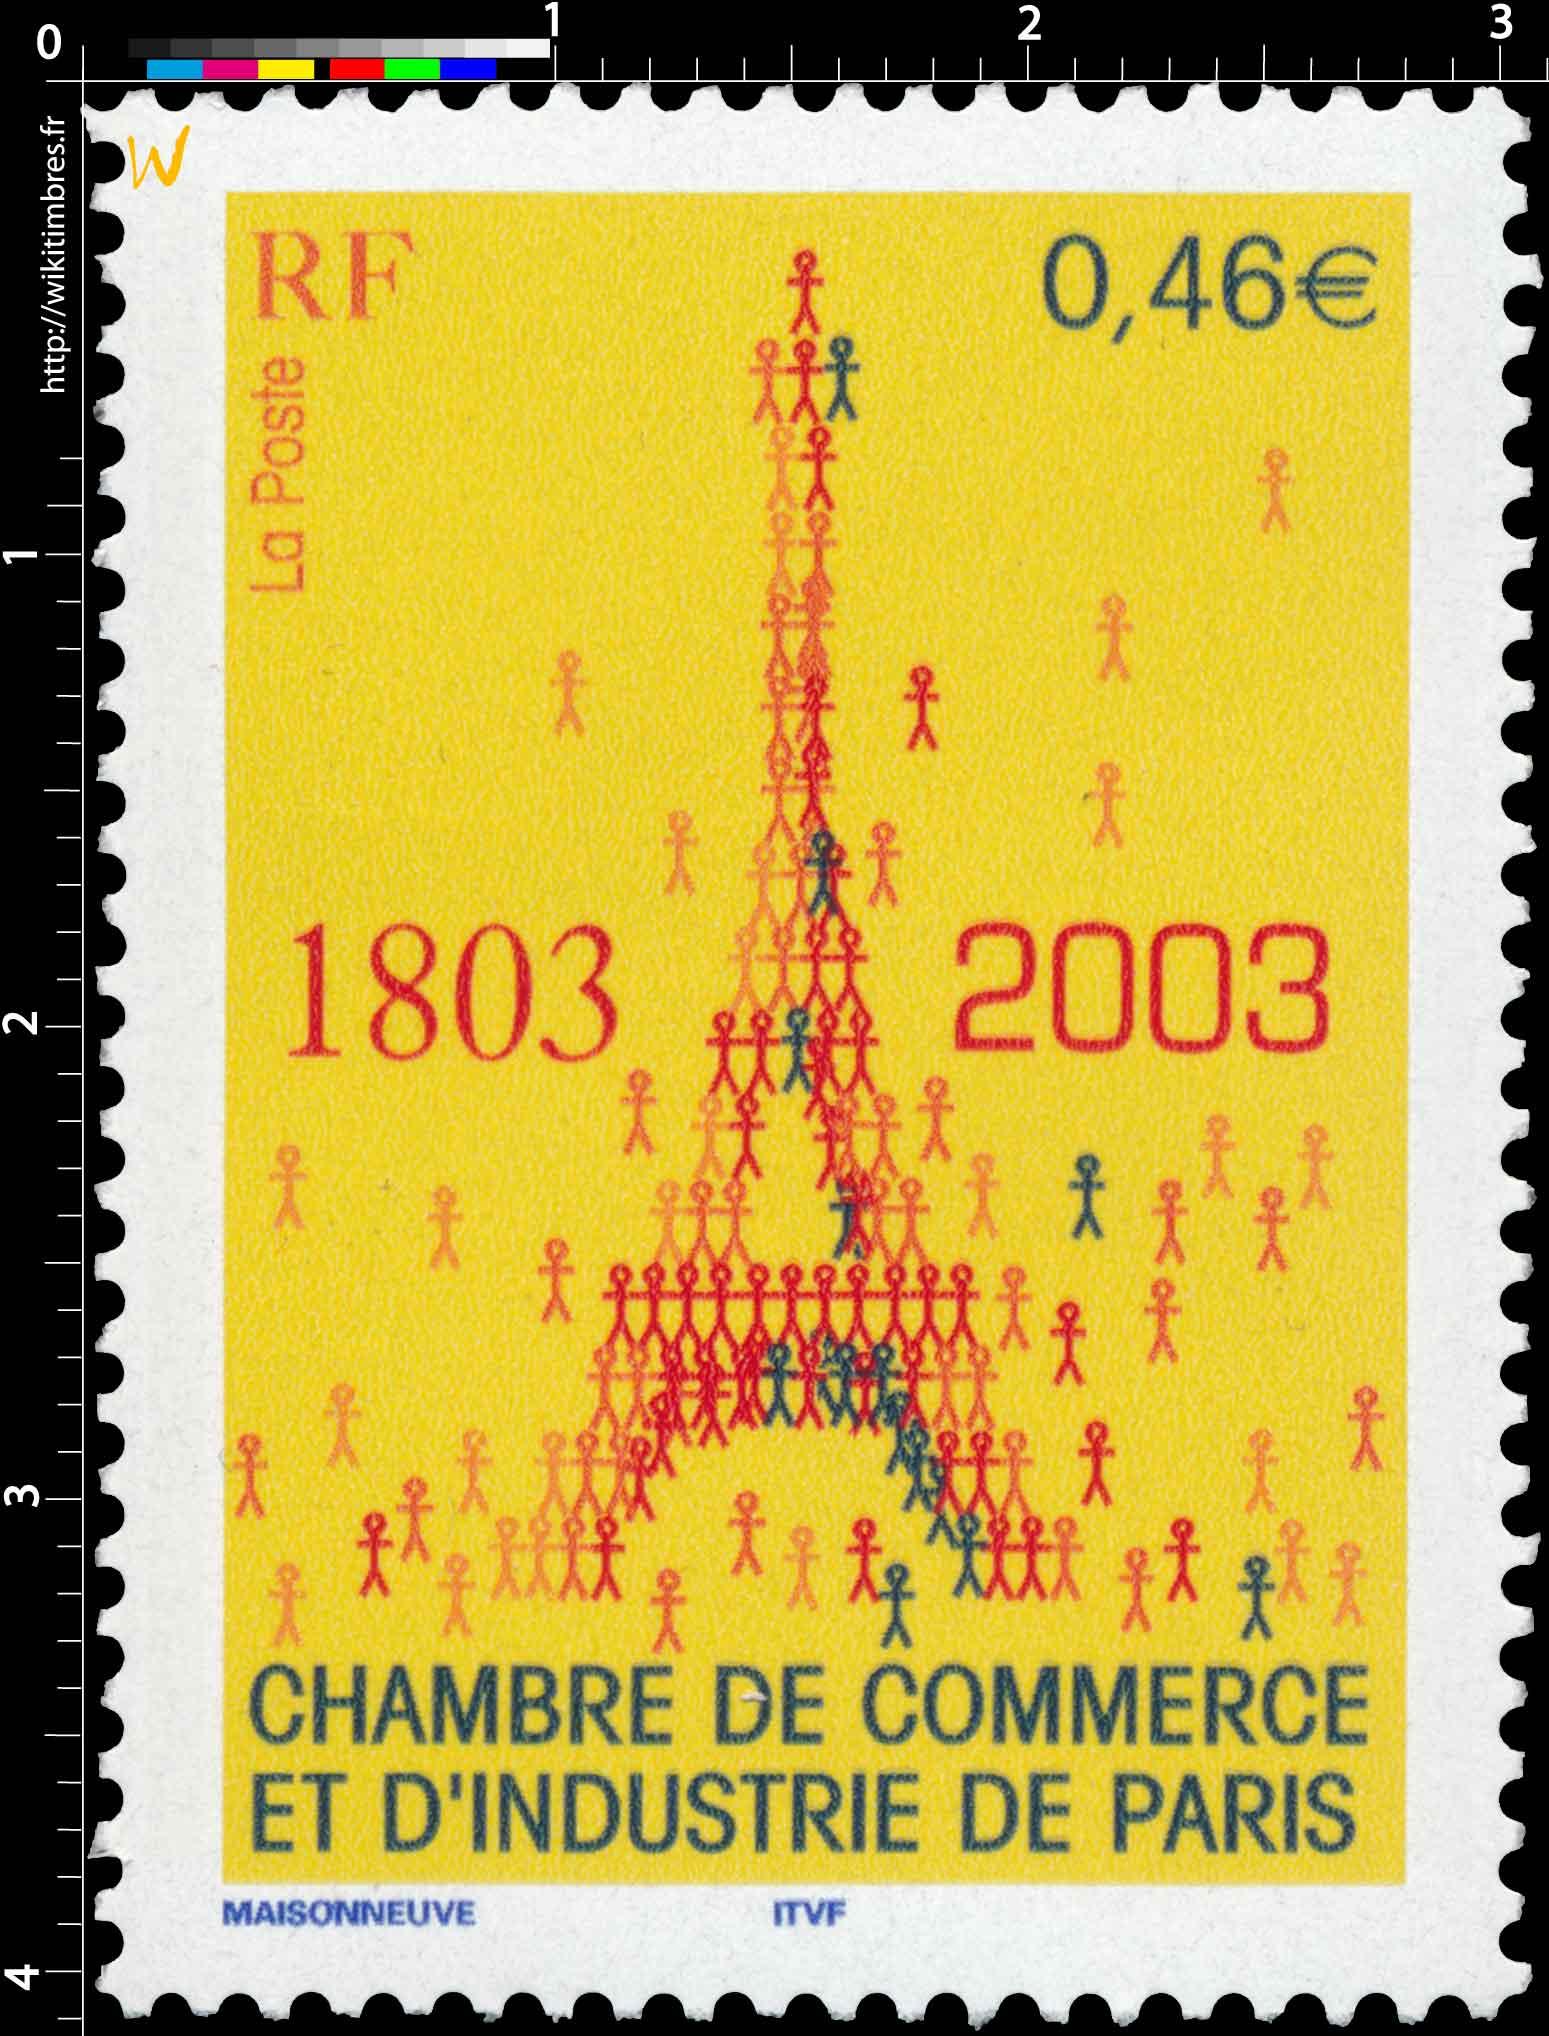 Visuel hd de chambre de commerce et d 39 industrie de paris for Chambre de commerce et d industrie de paris ccip